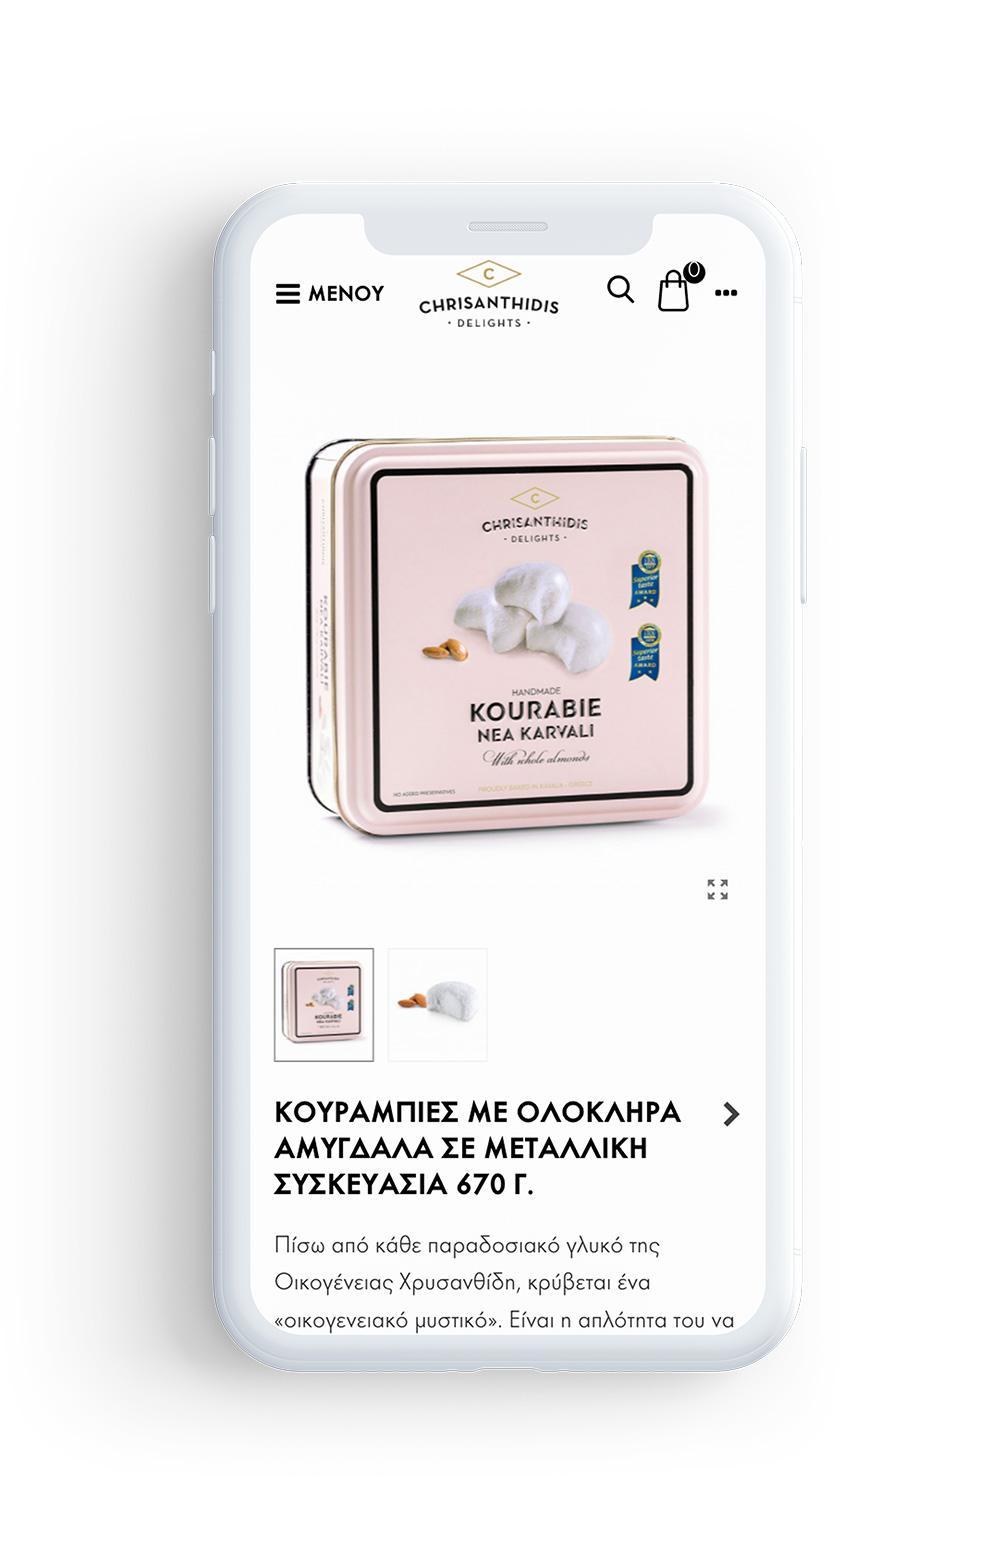 chrisanthidis-device-opt